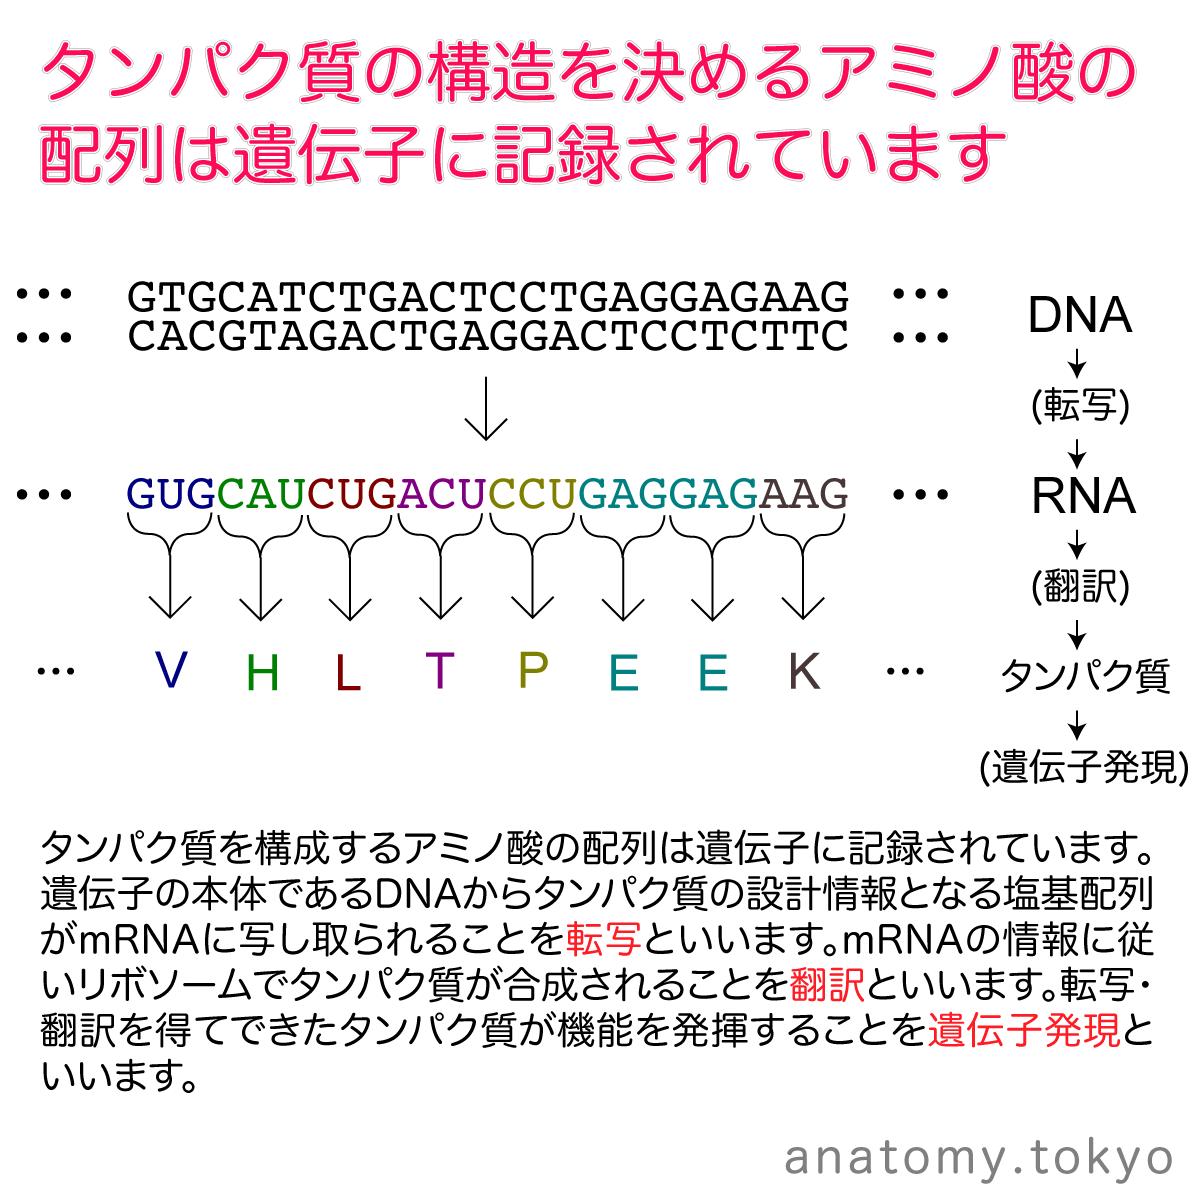 t112-17-タンパク質の構造を決めるアミノ酸の配列は遺伝子に記録されている.png